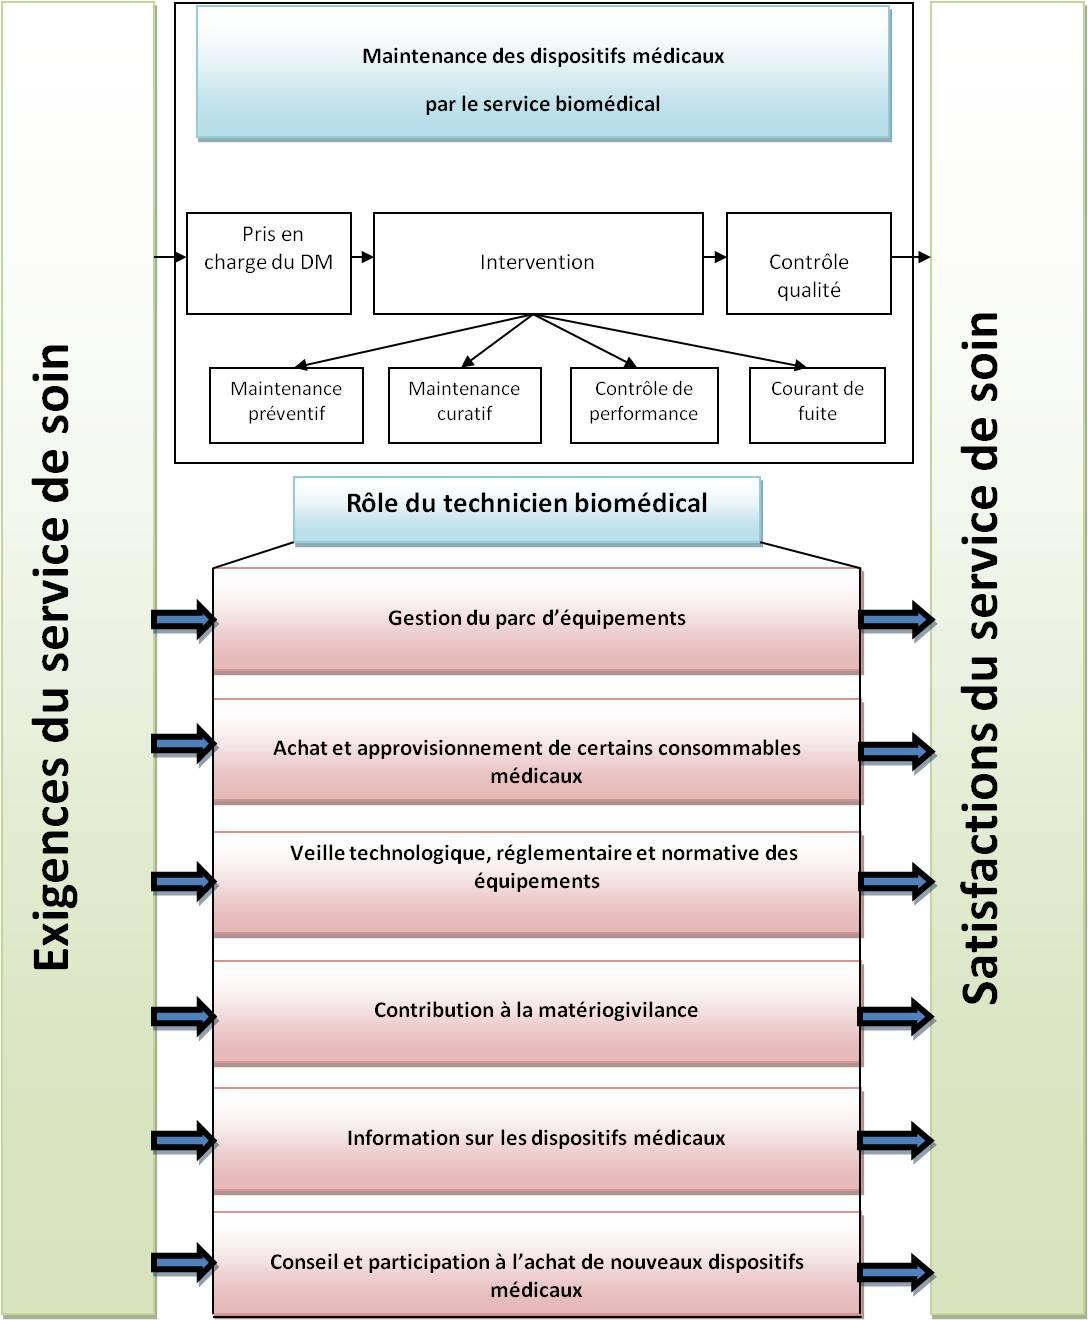 Mission service biomédical